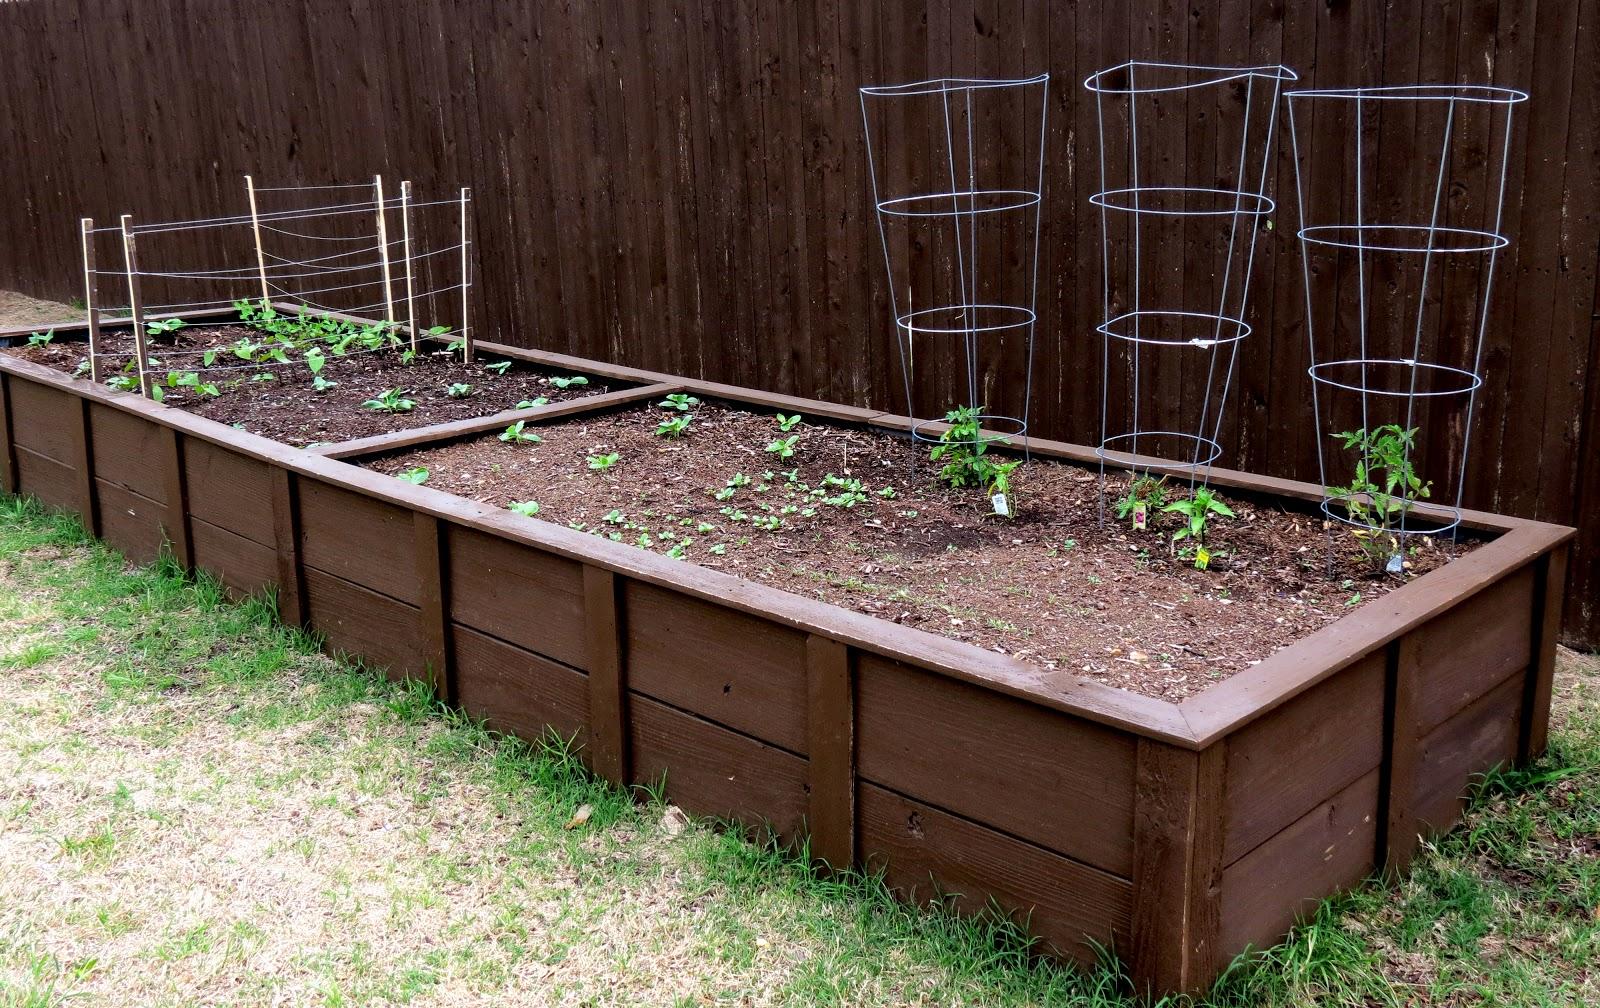 Garden Design Garden Design with Building A Garden Box Simpositi